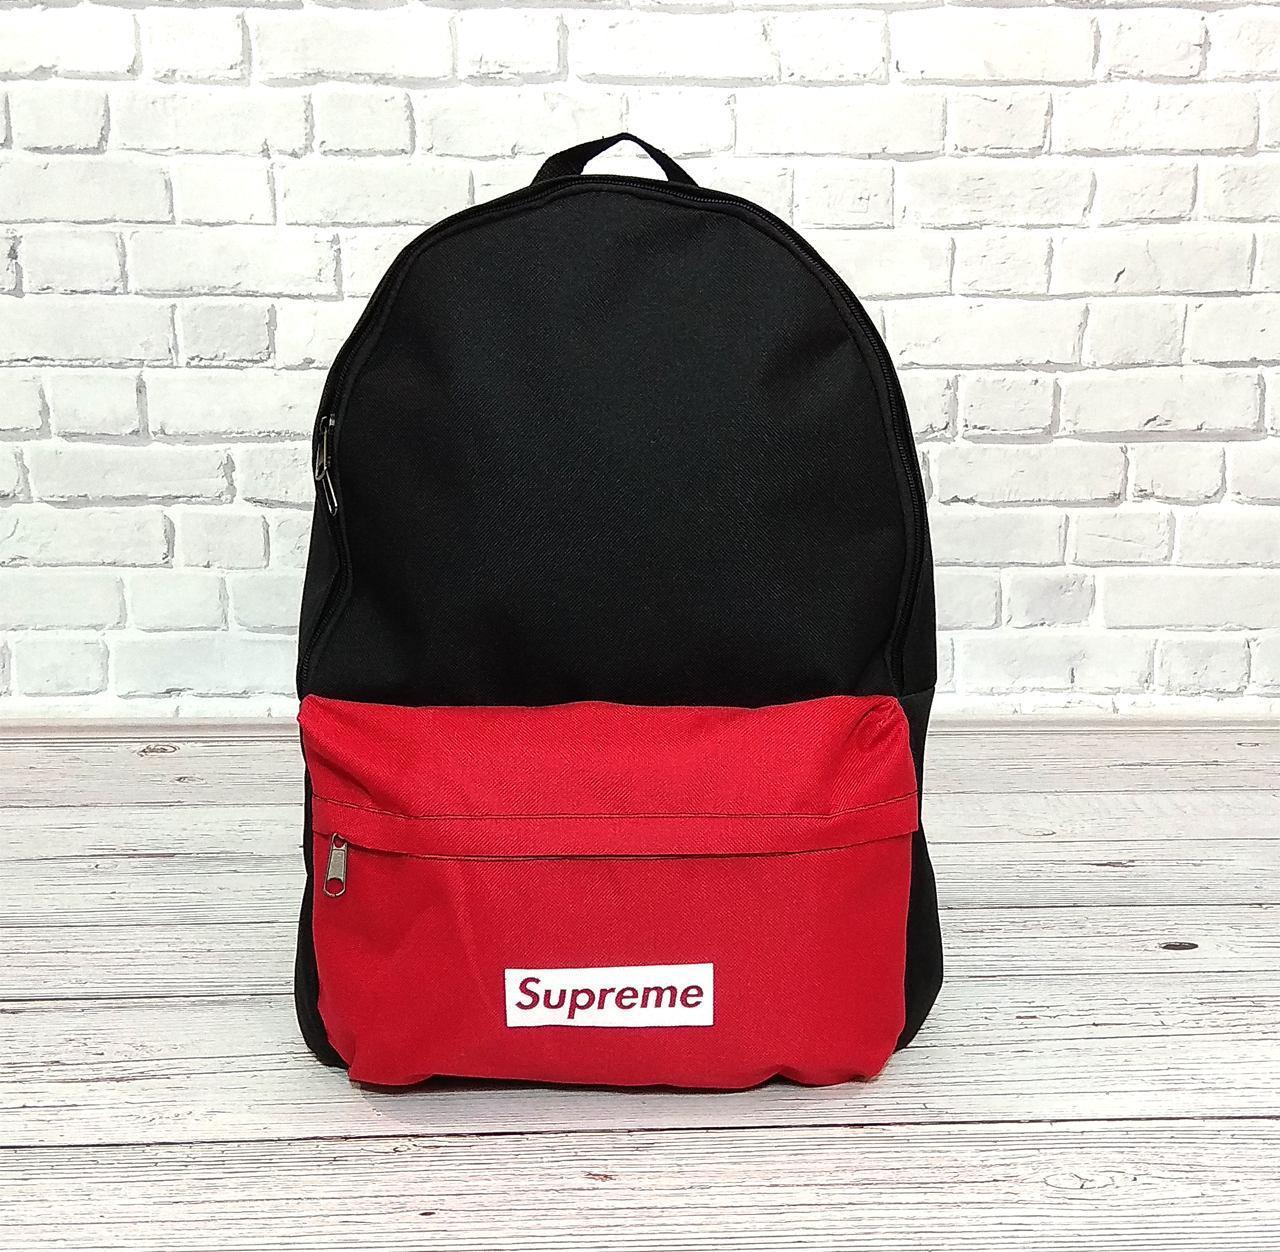 Новинка! Молодежный рюкзак суприм, Supreme. Черный с красным.